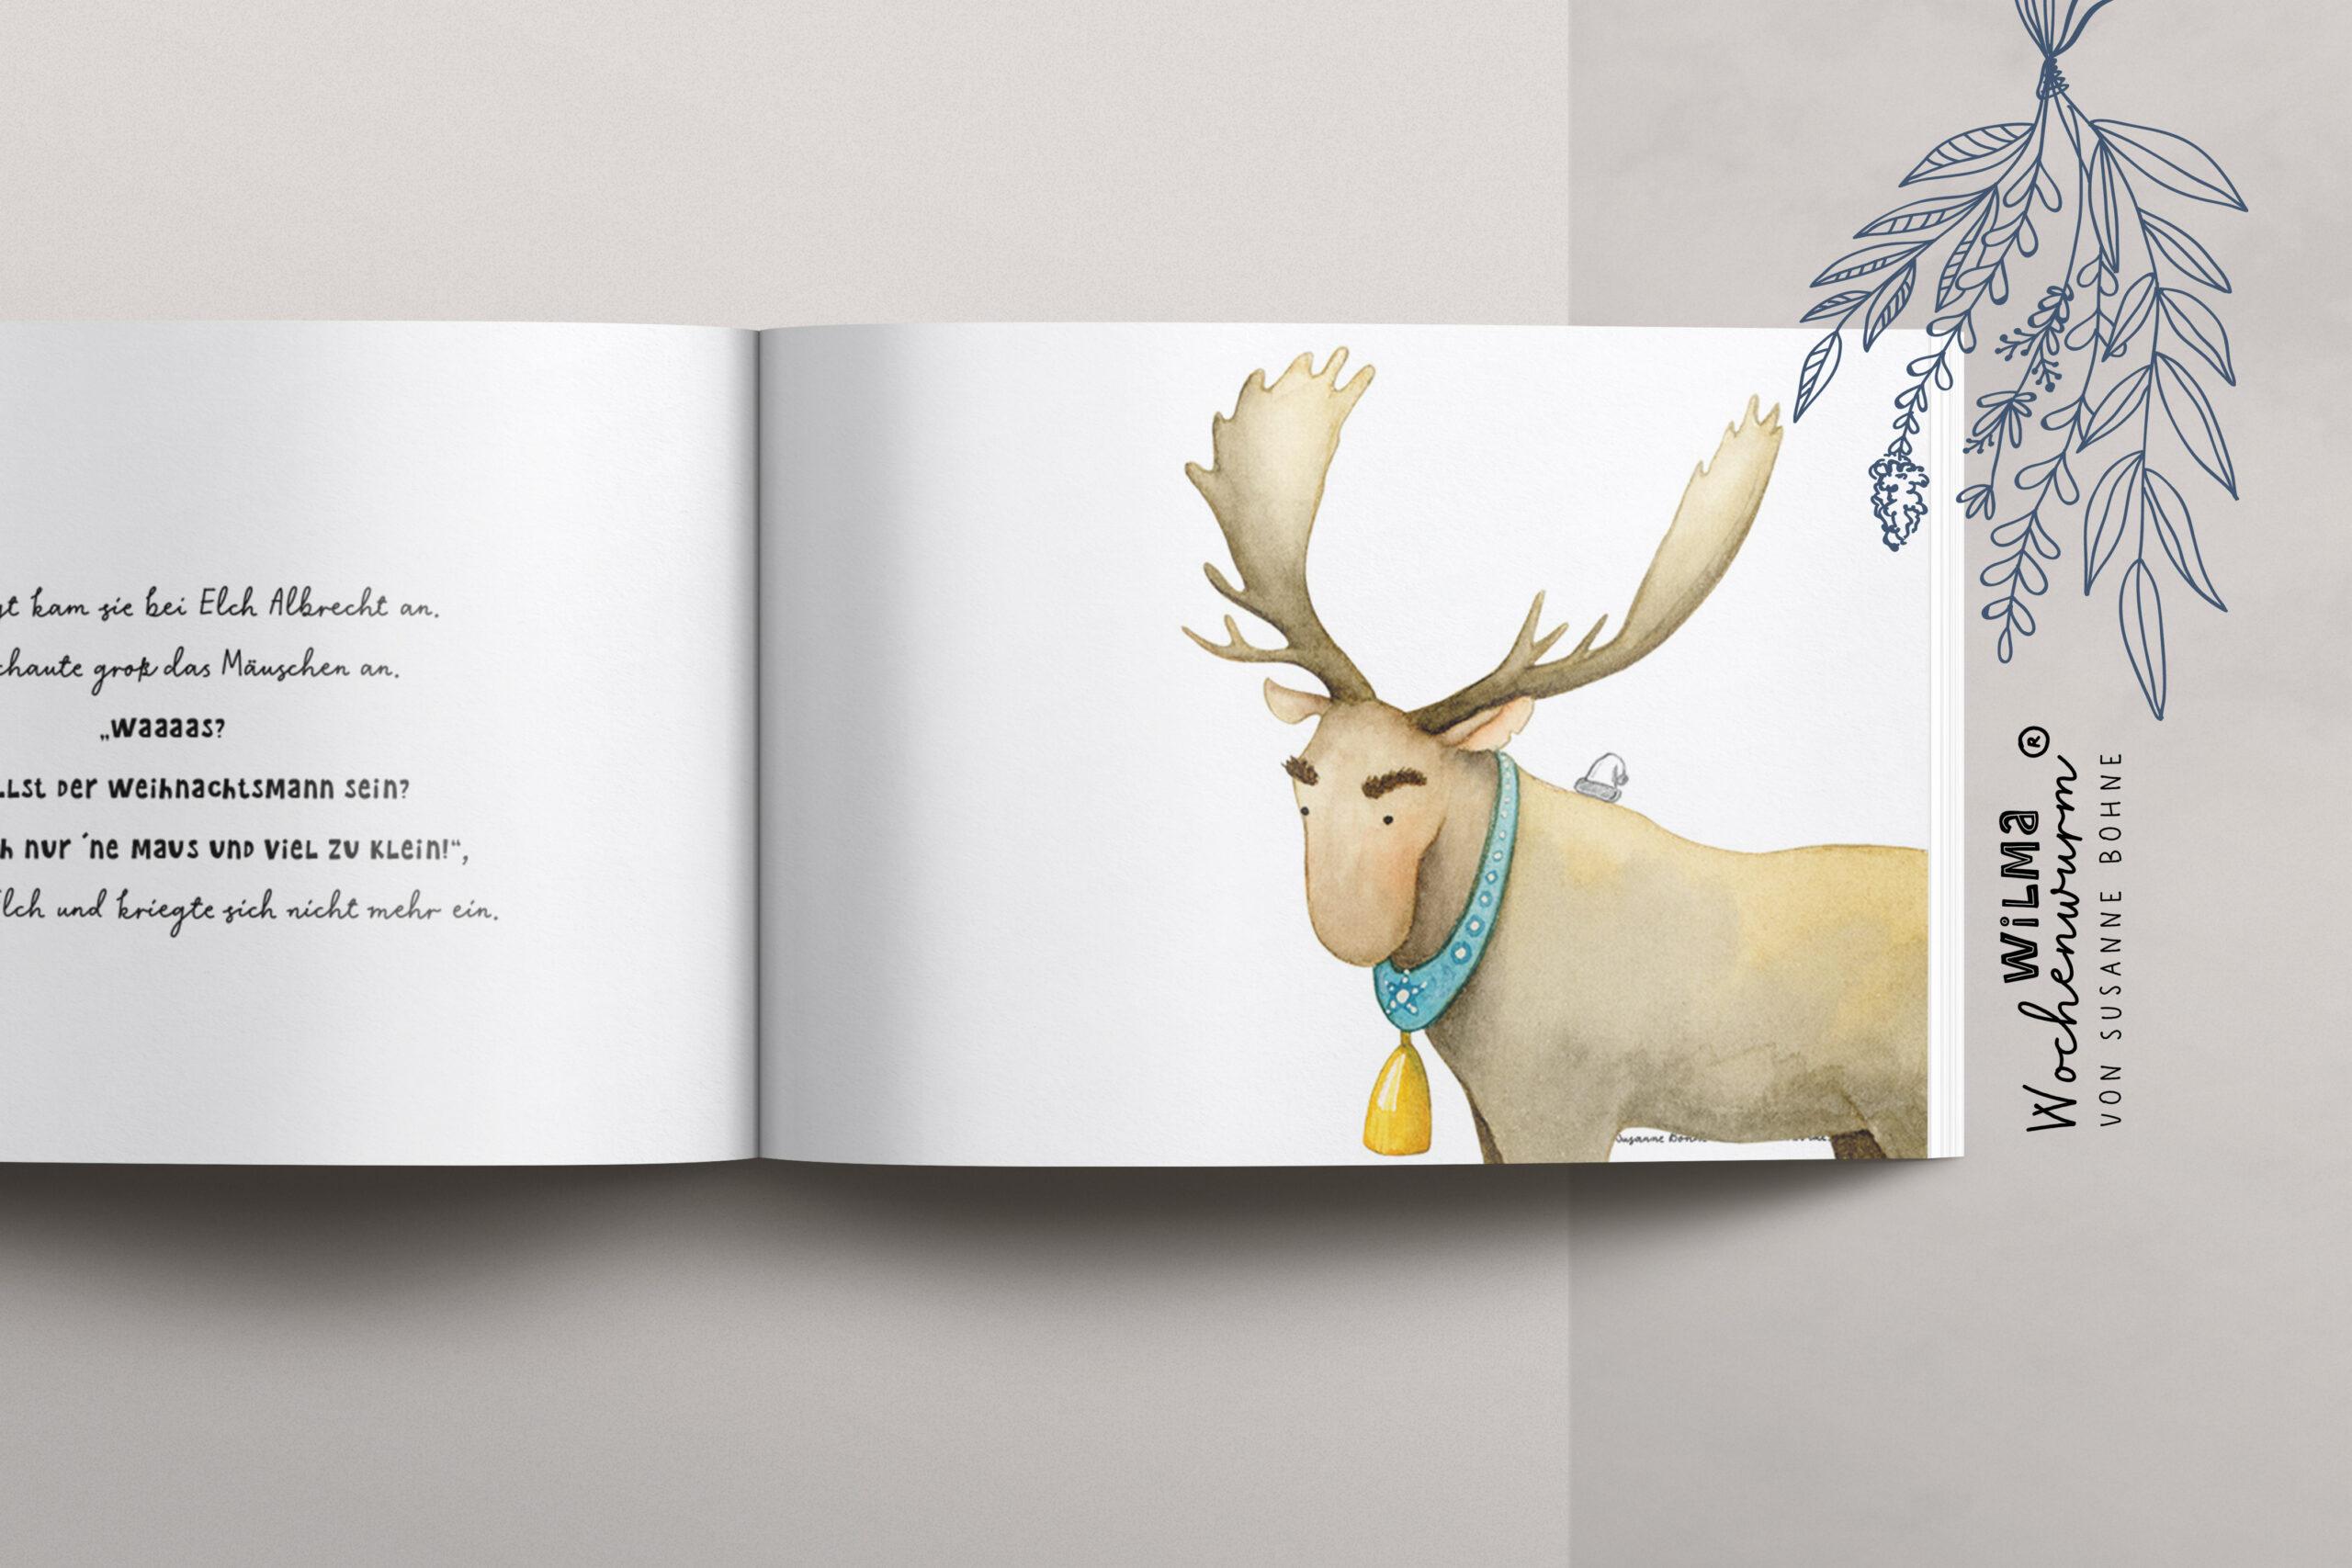 Wilma Wochenwurm erzählt - Die Weihnachtsmann-Maus namens Claus von Susanne Bohne Reimgedicht Weihnachten